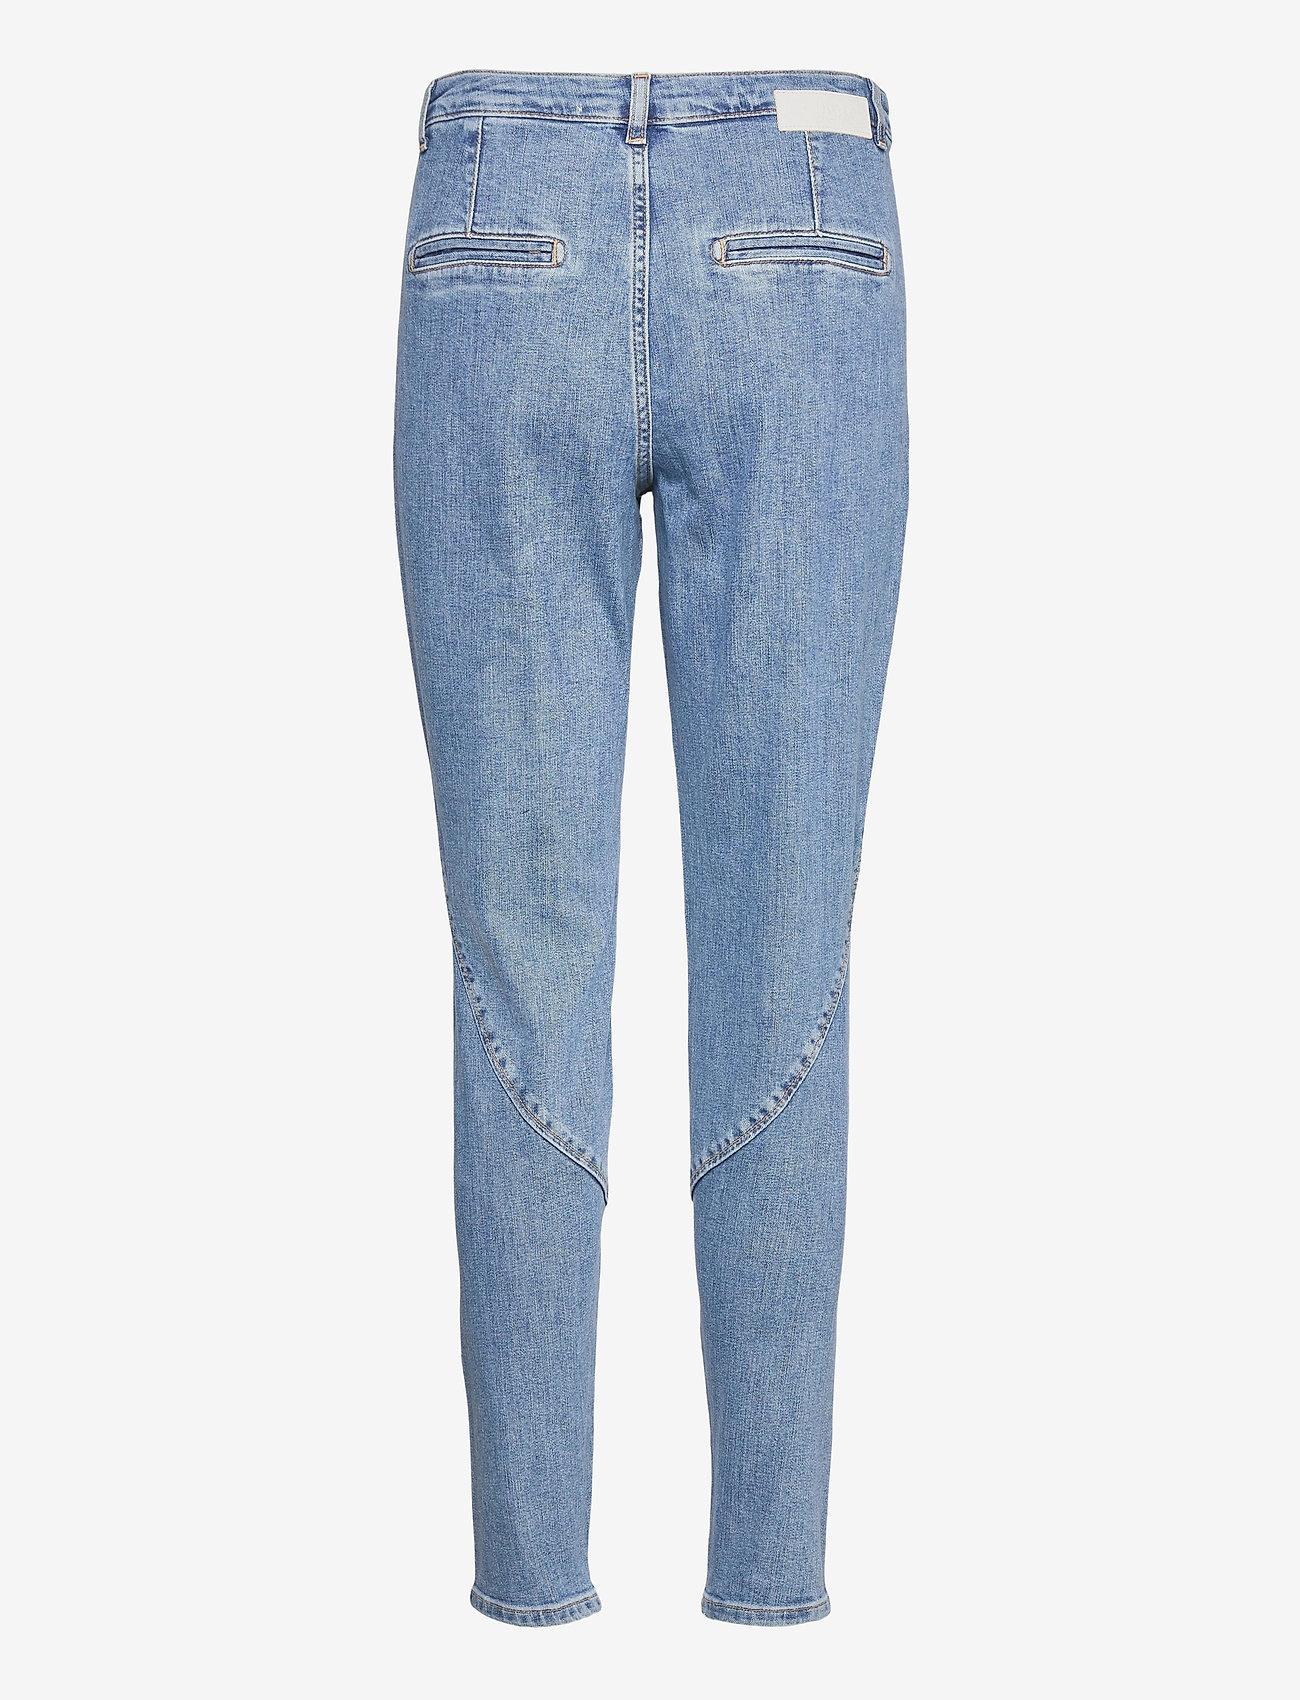 FIVEUNITS - Jolie 241 - slim jeans - wave blue - 1